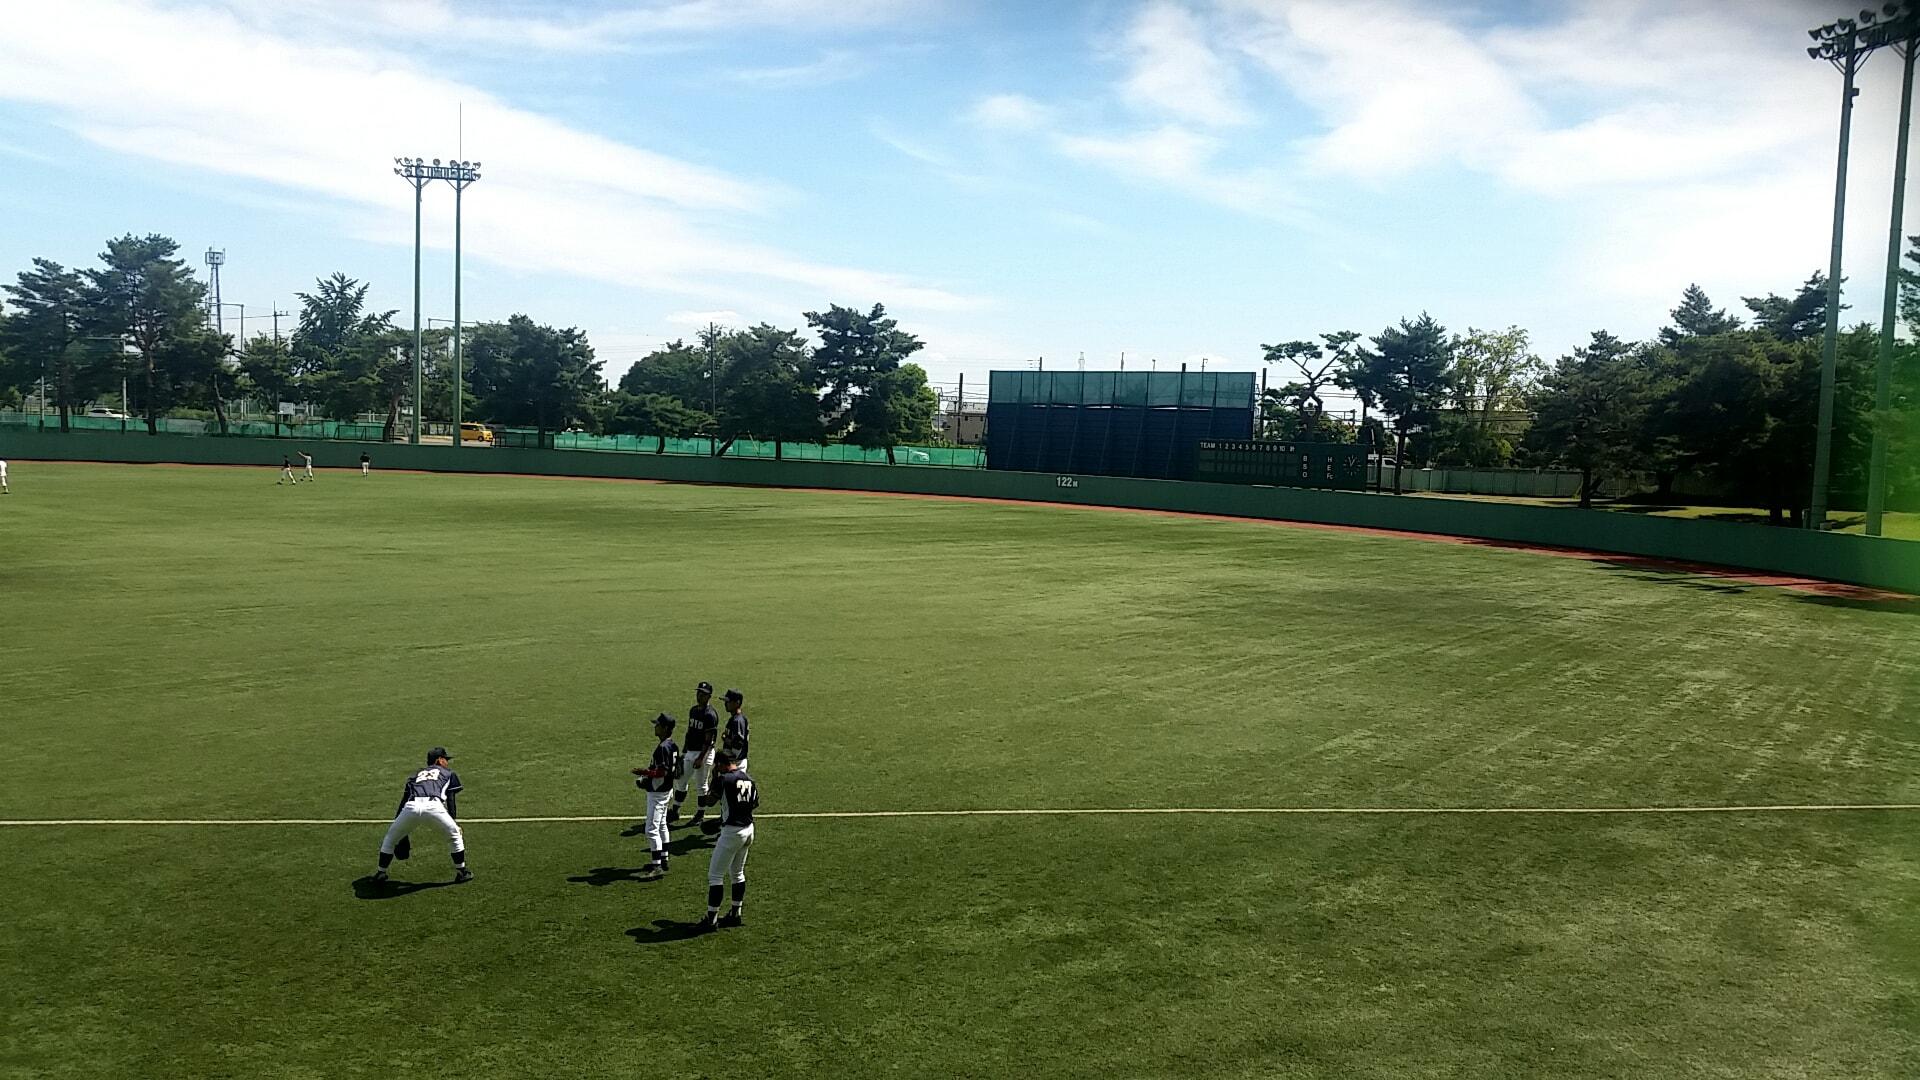 [スタジアム情報]東洋大学野球グラウンド